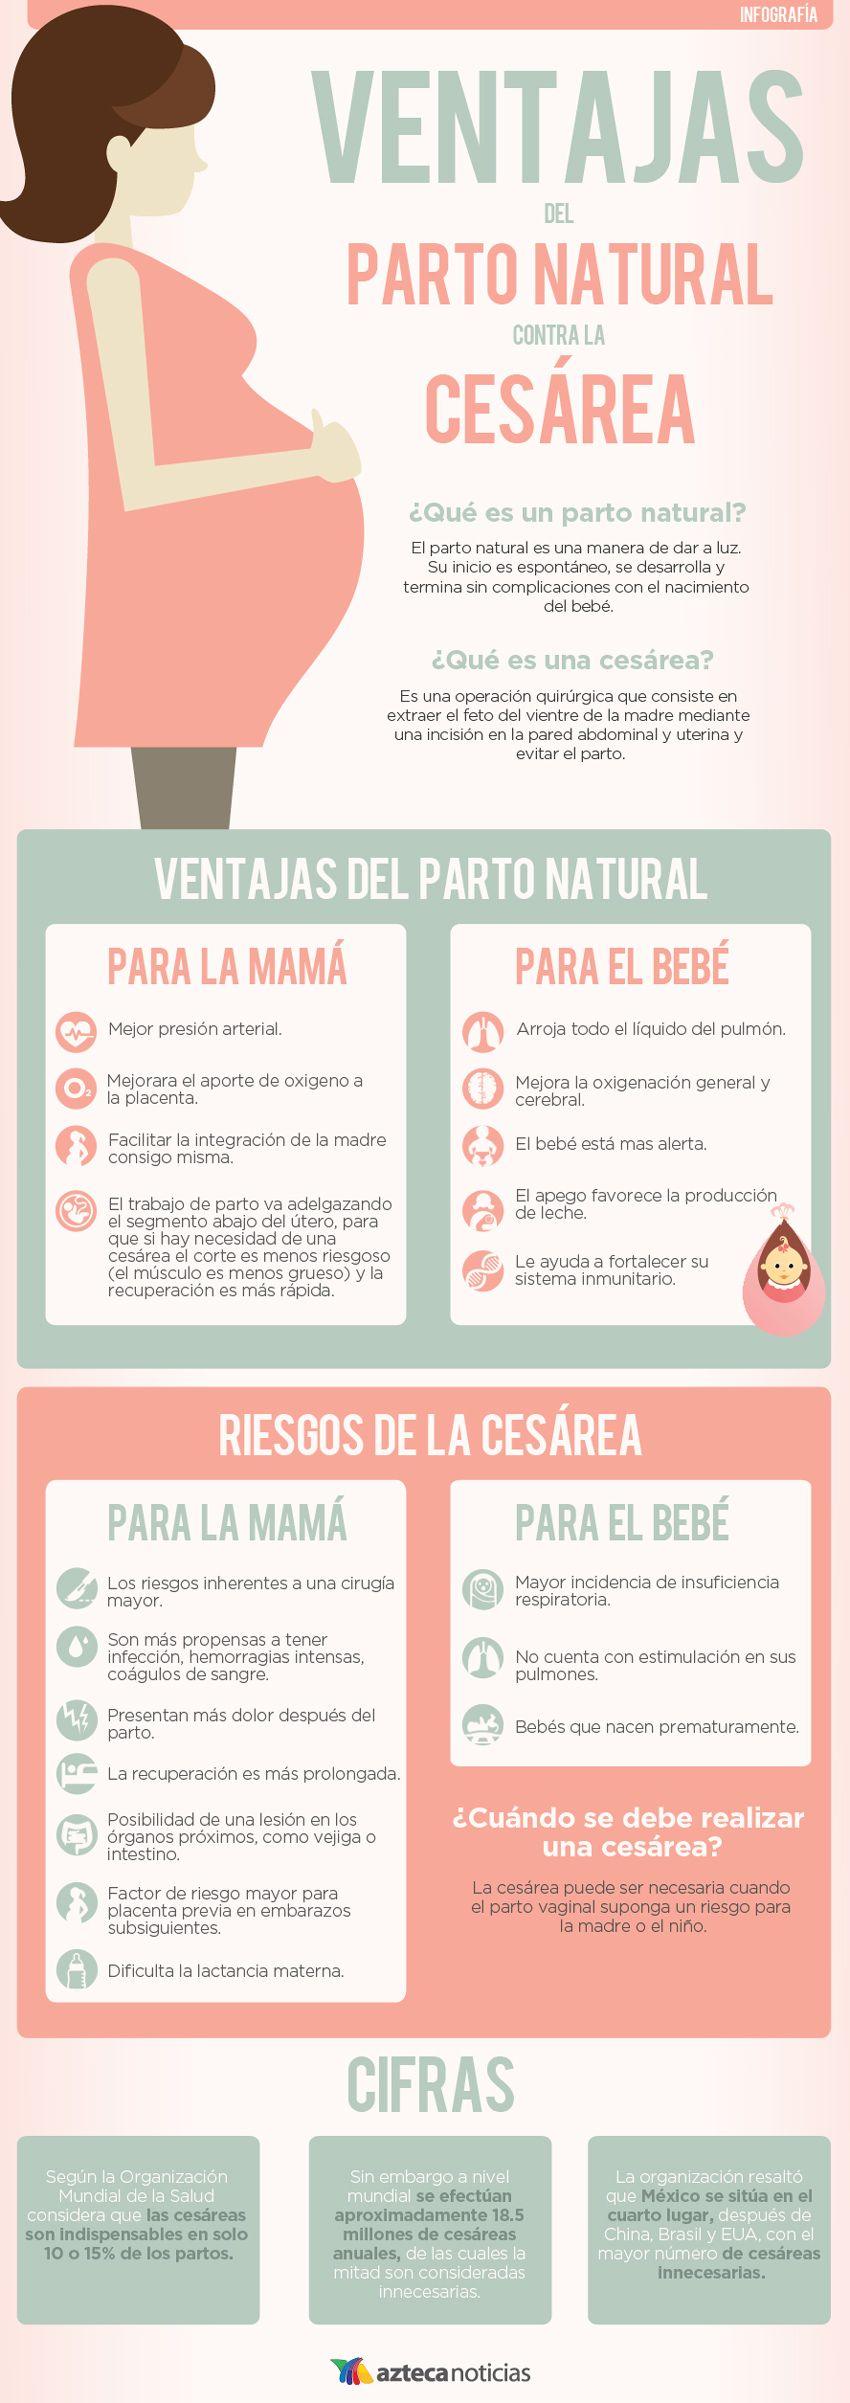 Ventajas Del Par To Natural Contra La Cesarea Infografia Parto Natural Alimentacion Embarazo Embarazo Y Parto